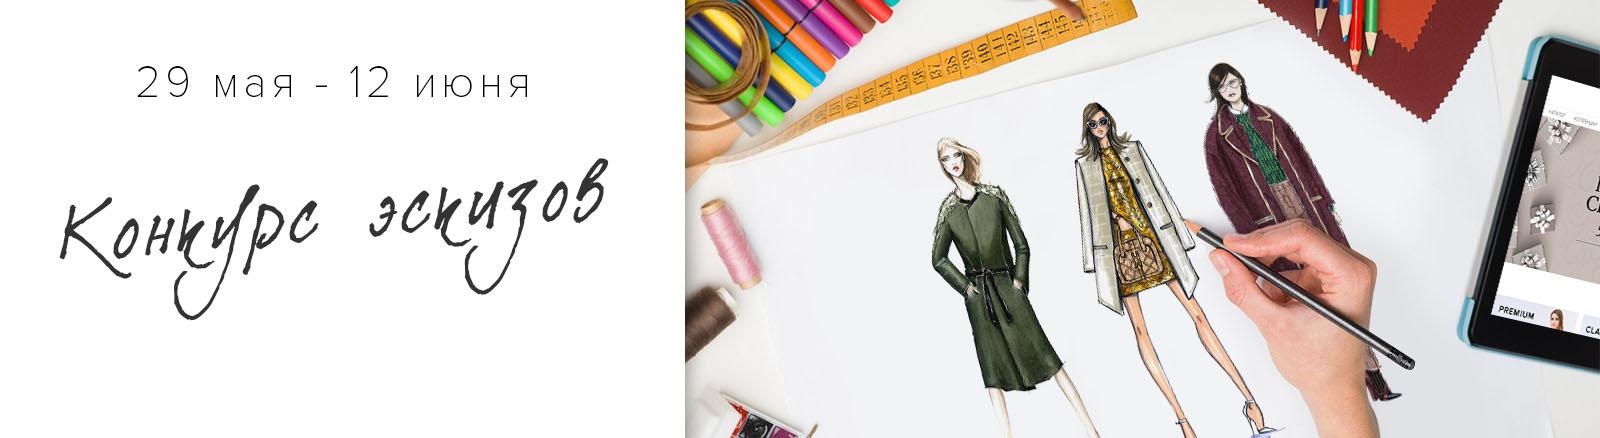 Творческий конкурс от Elema на лучший эскиз пальто!